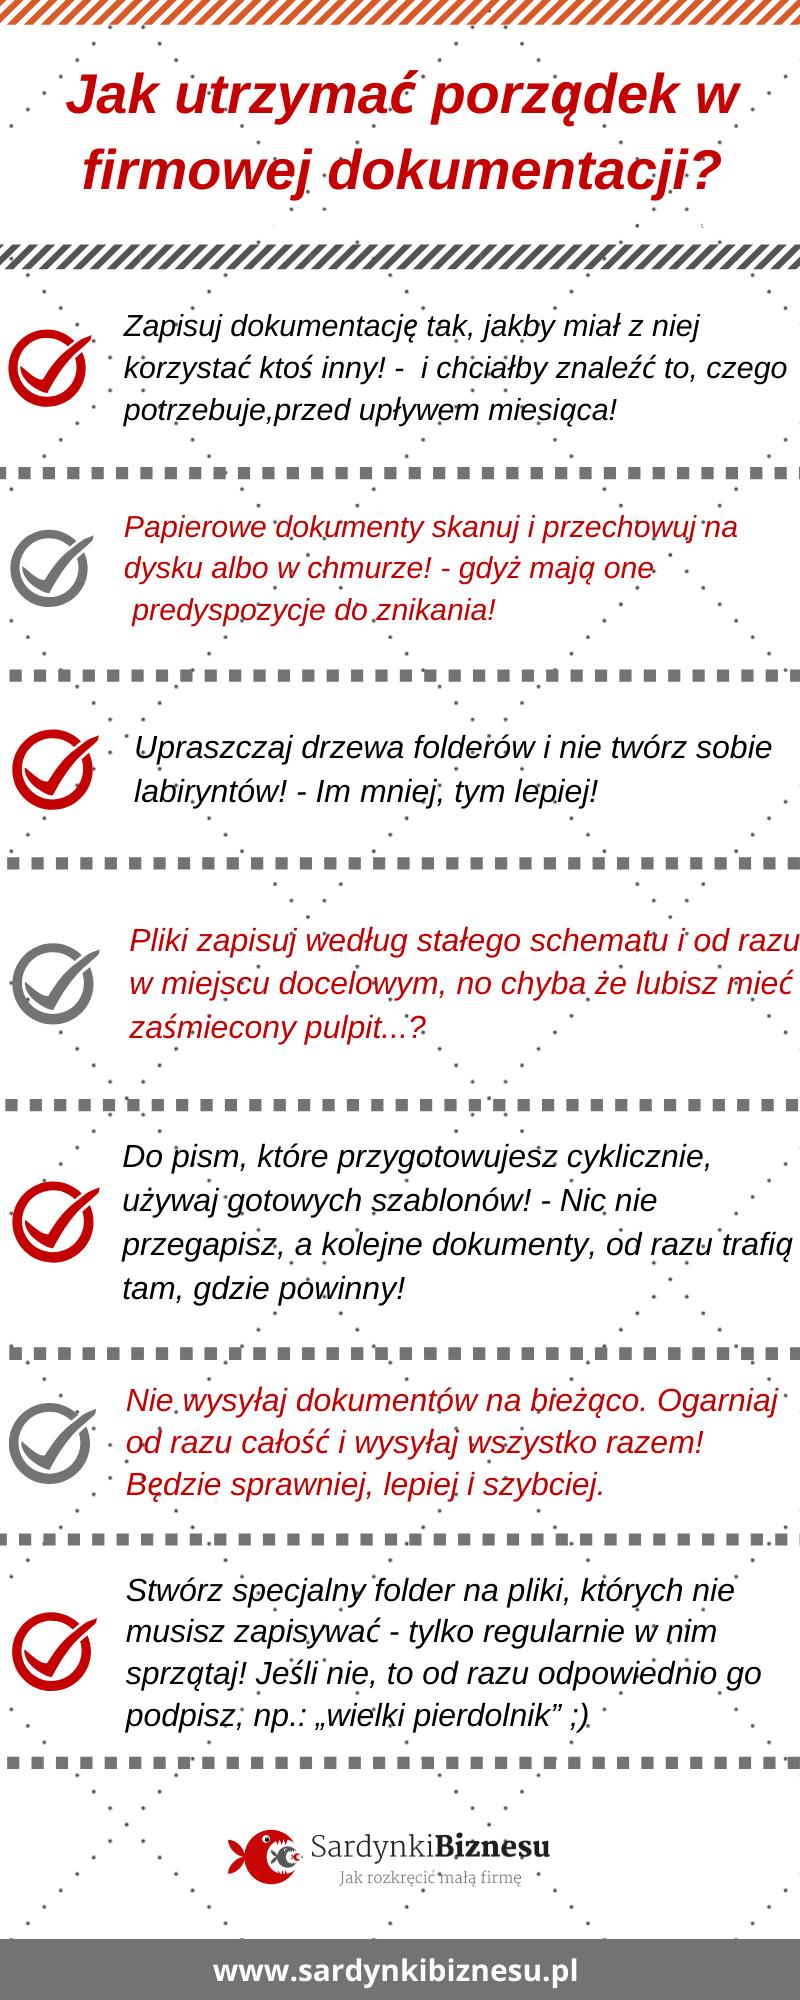 Porządkowanie faktur i dokumentów firmowych